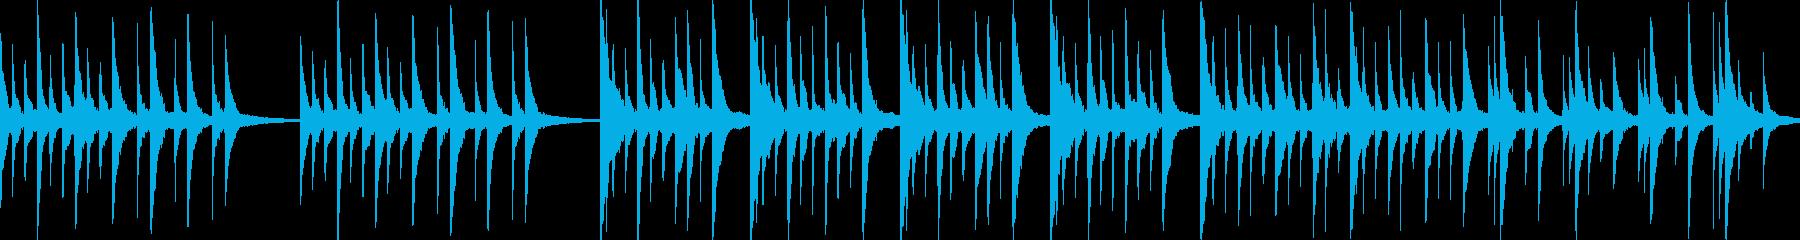 失恋・寂しい・悲しげなピアノソロの再生済みの波形